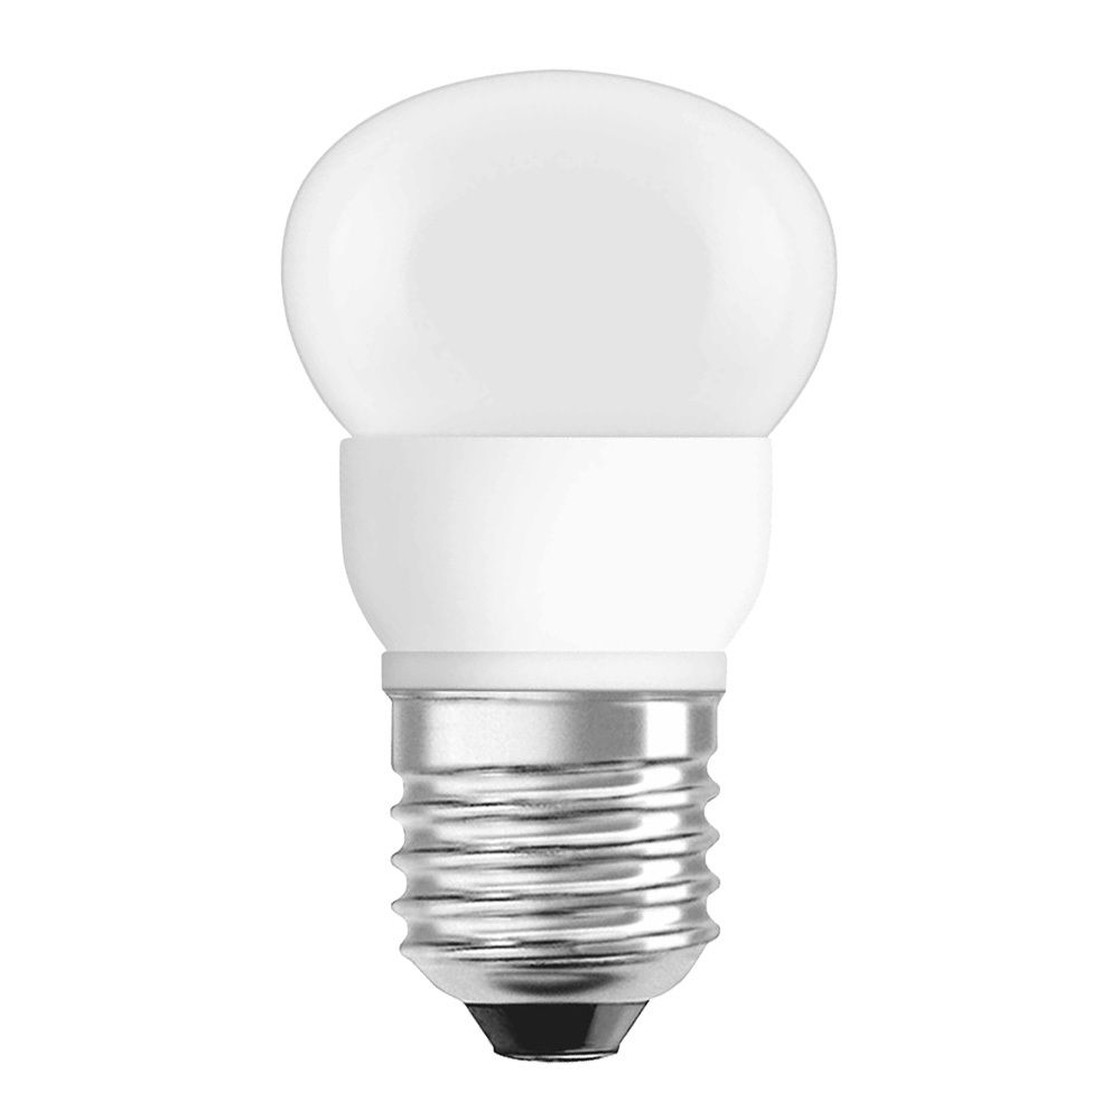 Paulmann led tropfen 3 6w e27 warmwei leuchtmittel for Lampen rampe